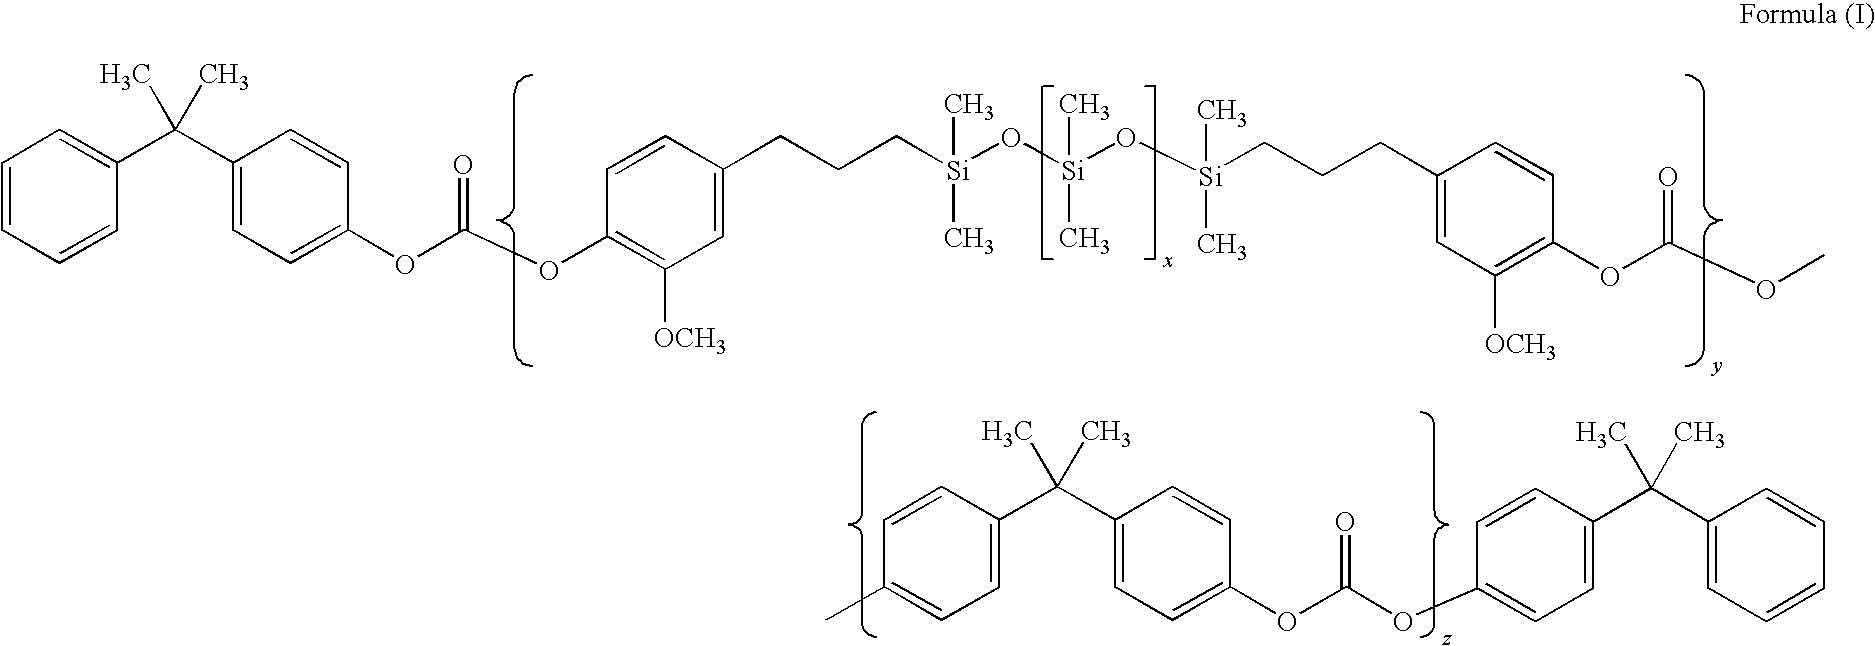 Figure US08026028-20110927-C00066